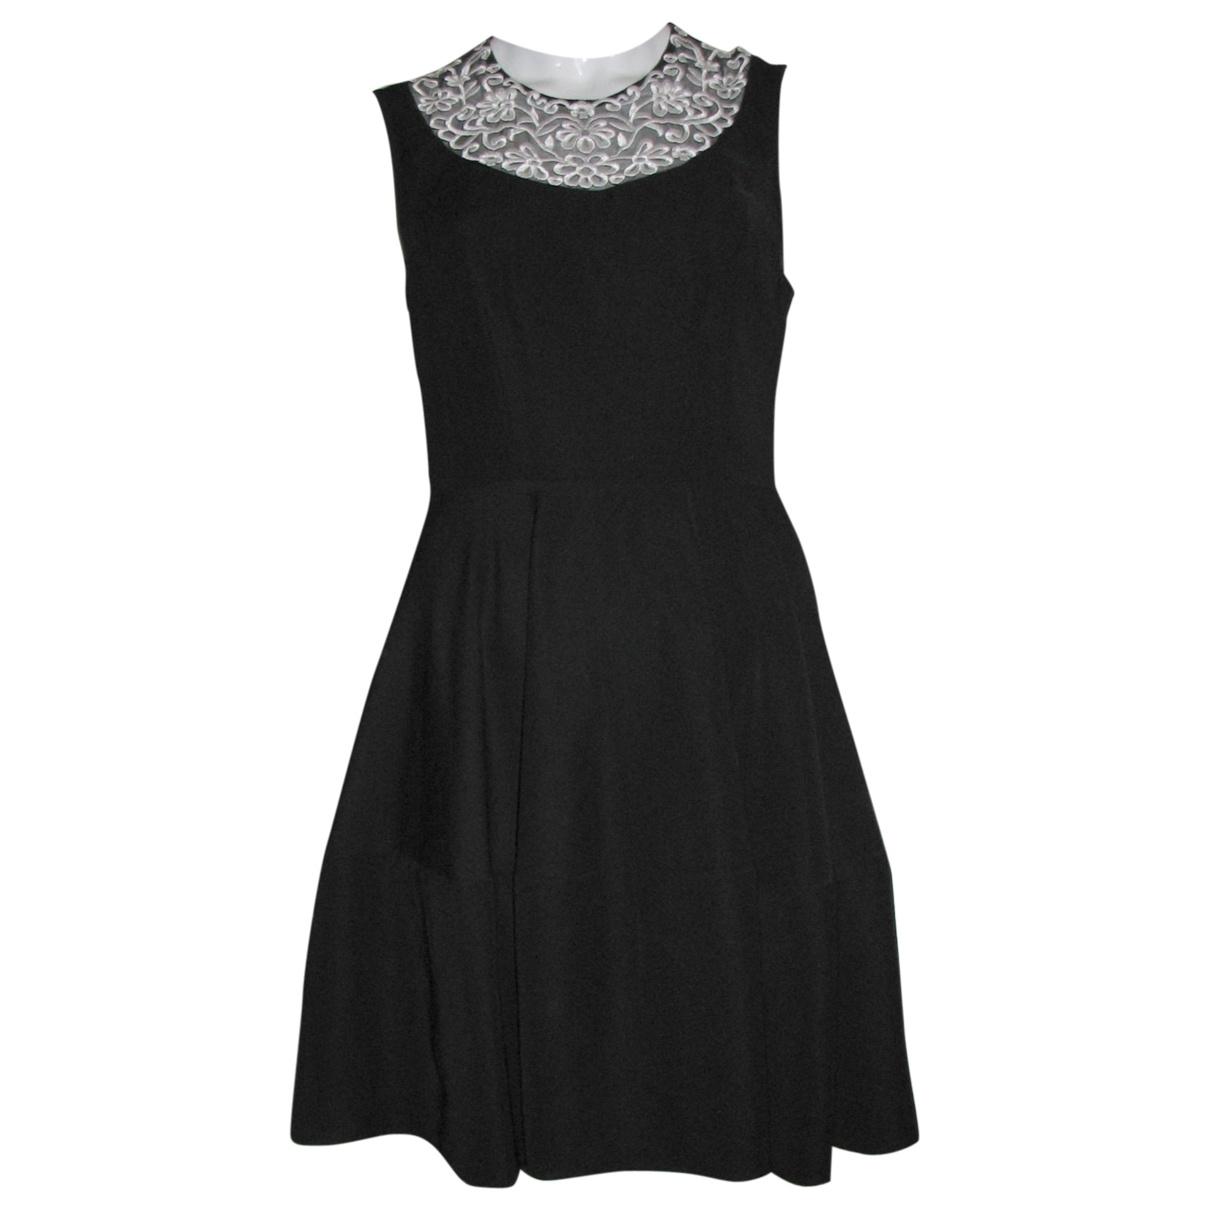 Needle & Thread \N Black dress for Women 12 UK